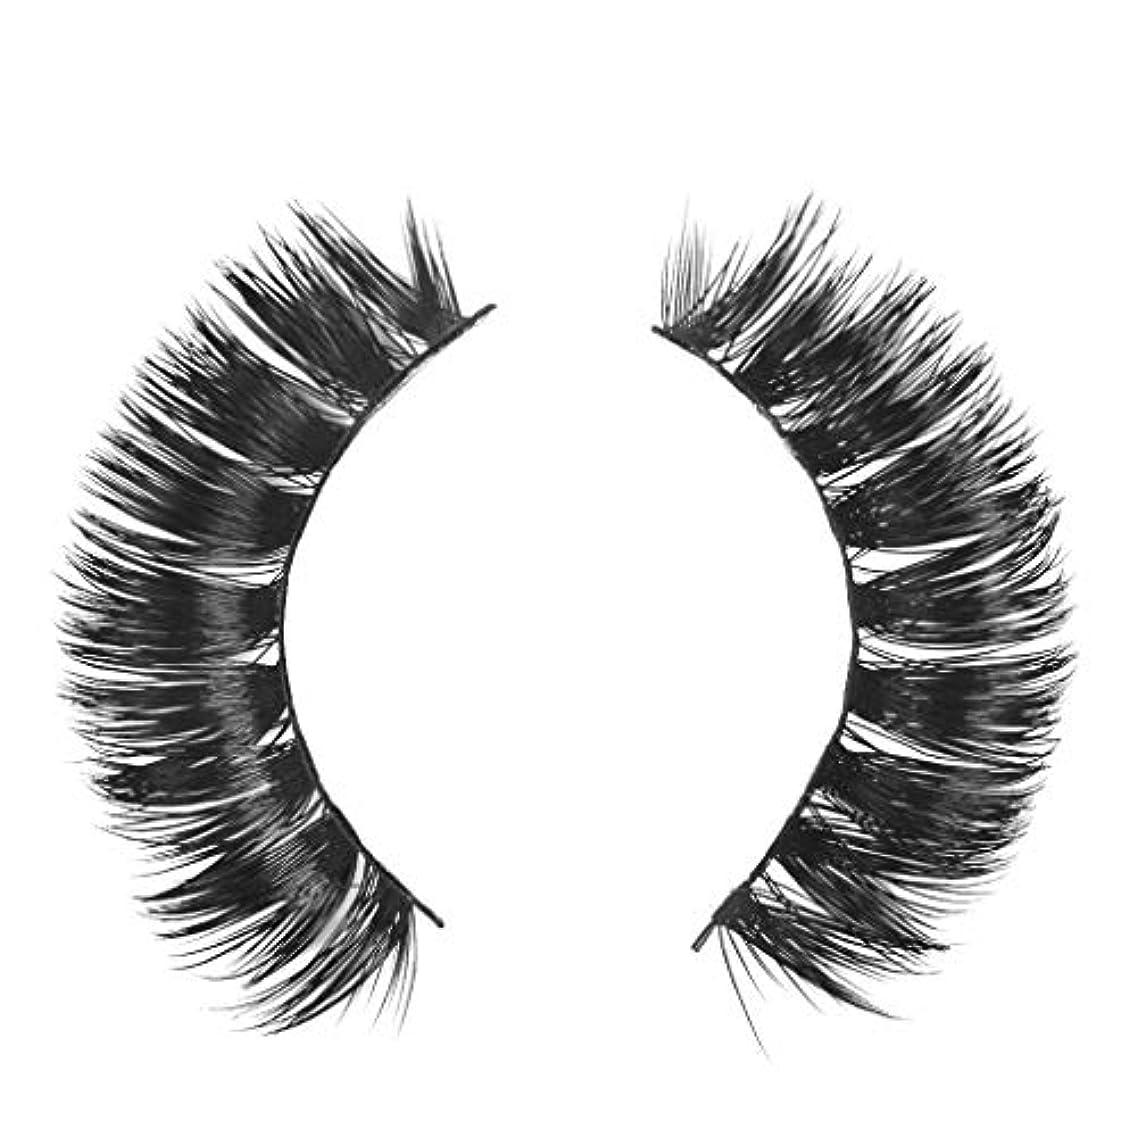 交換引き受ける導体ミンクの毛の自然な厚くなる化粧品の3D版のための一組のまつげ